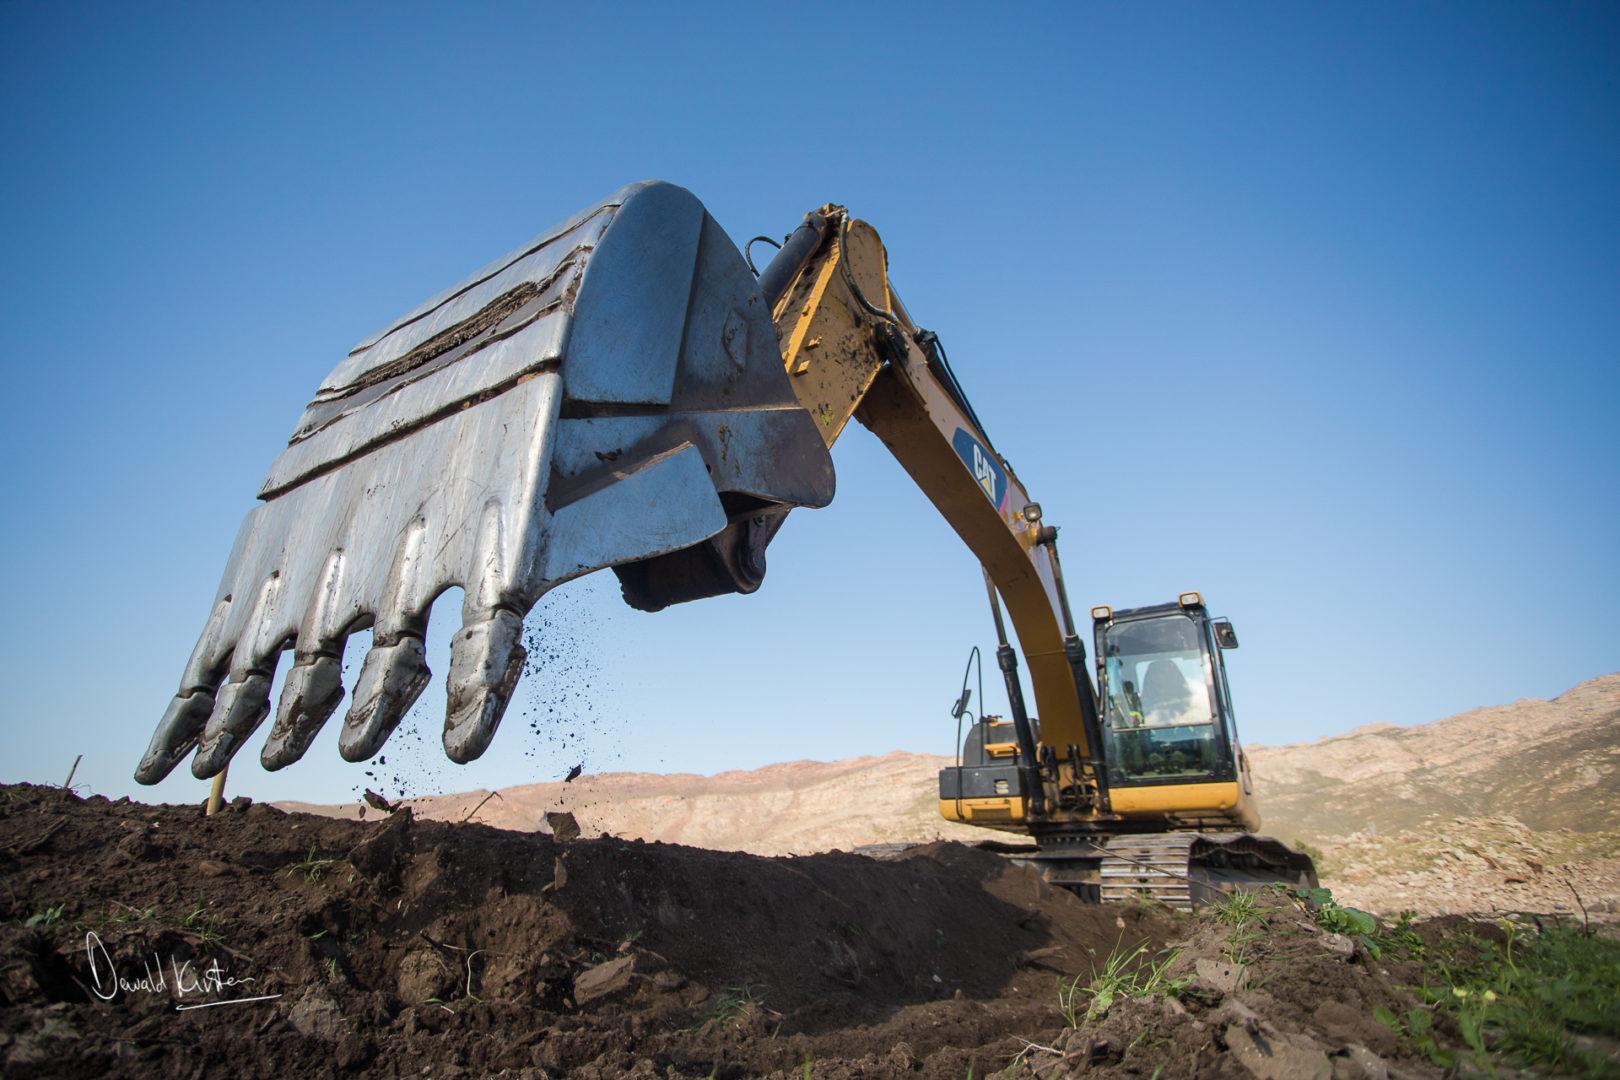 excavator, farming, agriculture, soil preparation